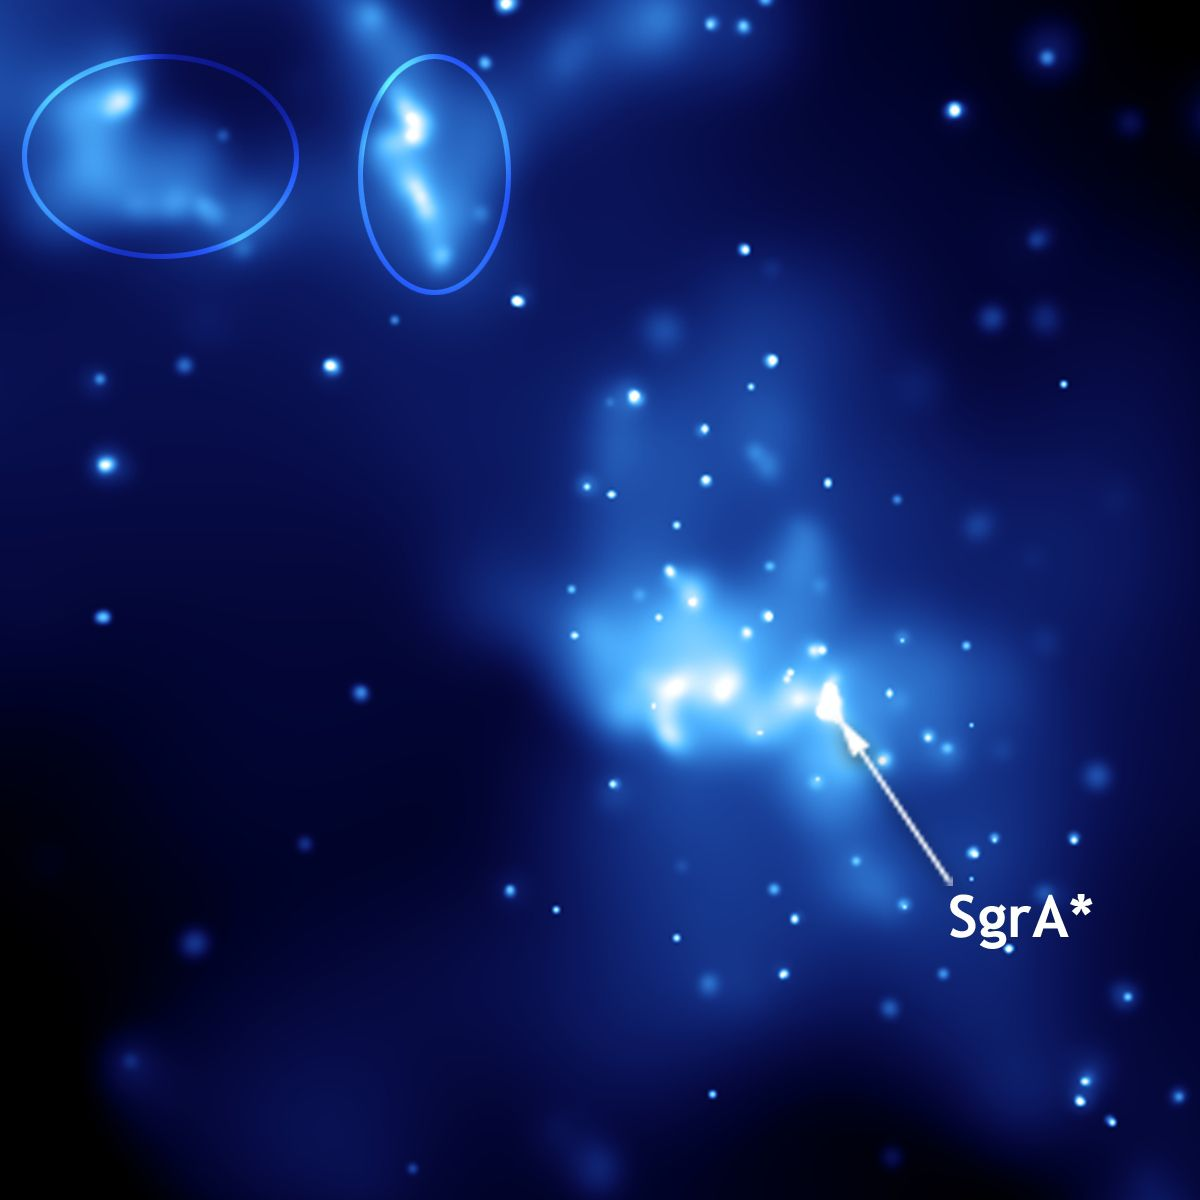 Sagittarius A* supermassive black hole